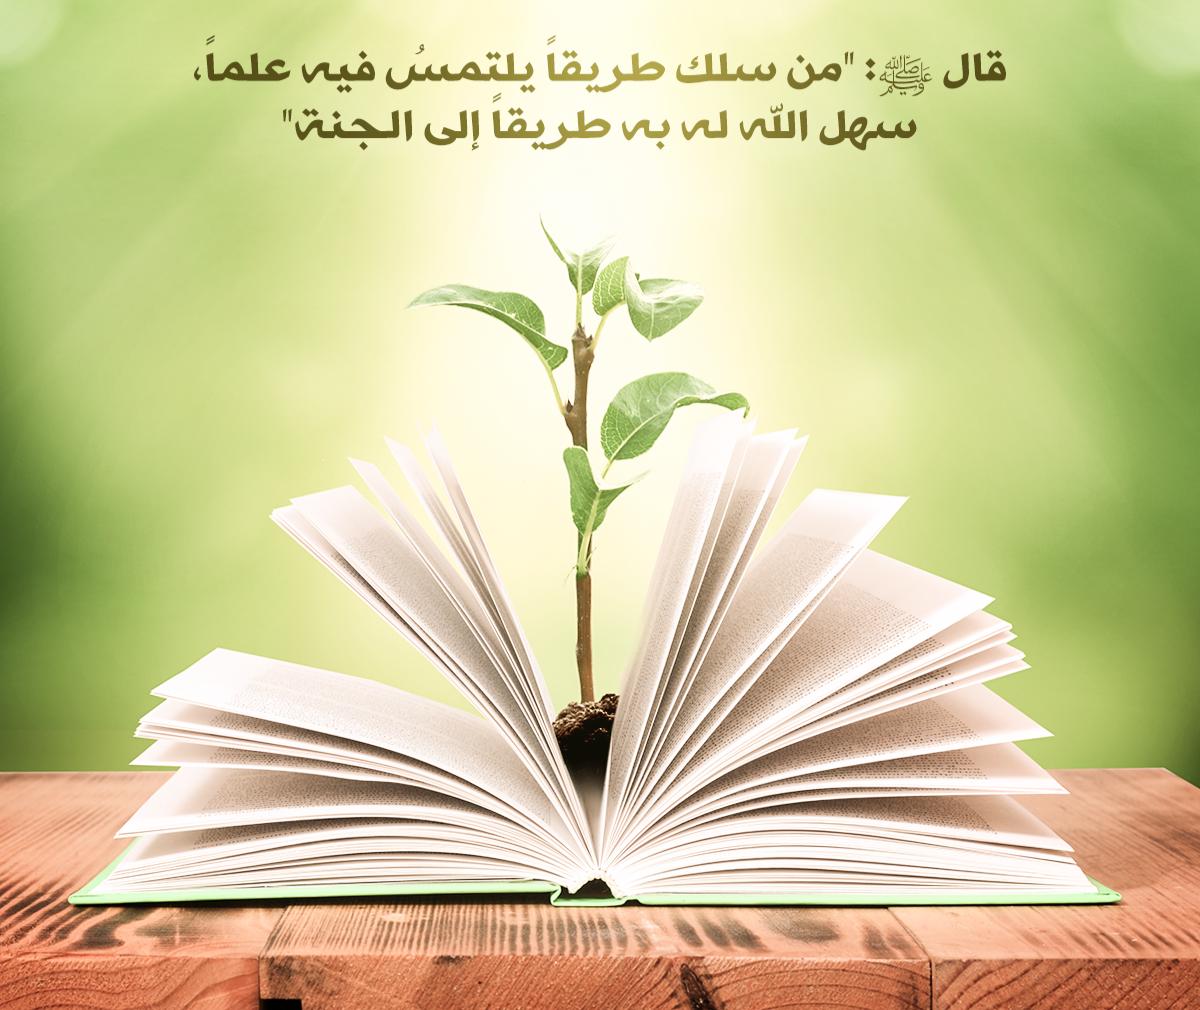 Ocupa-te com o conhecimento Islâmico!